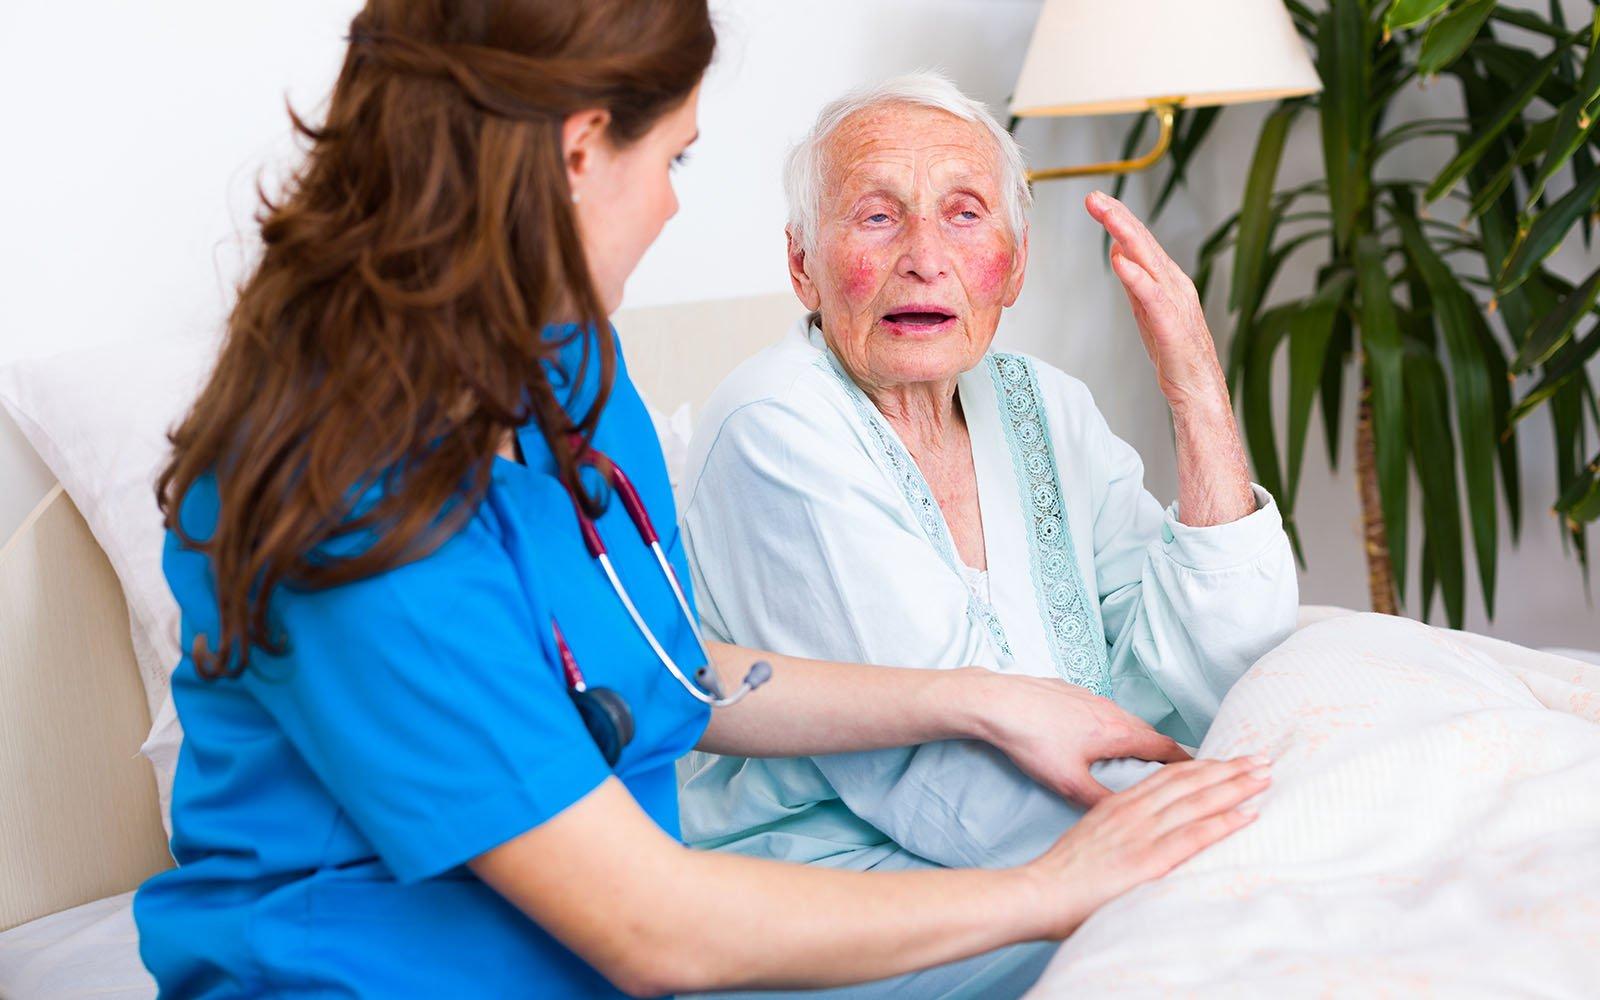 un'infermiera accanto a un uomo anziano che parla